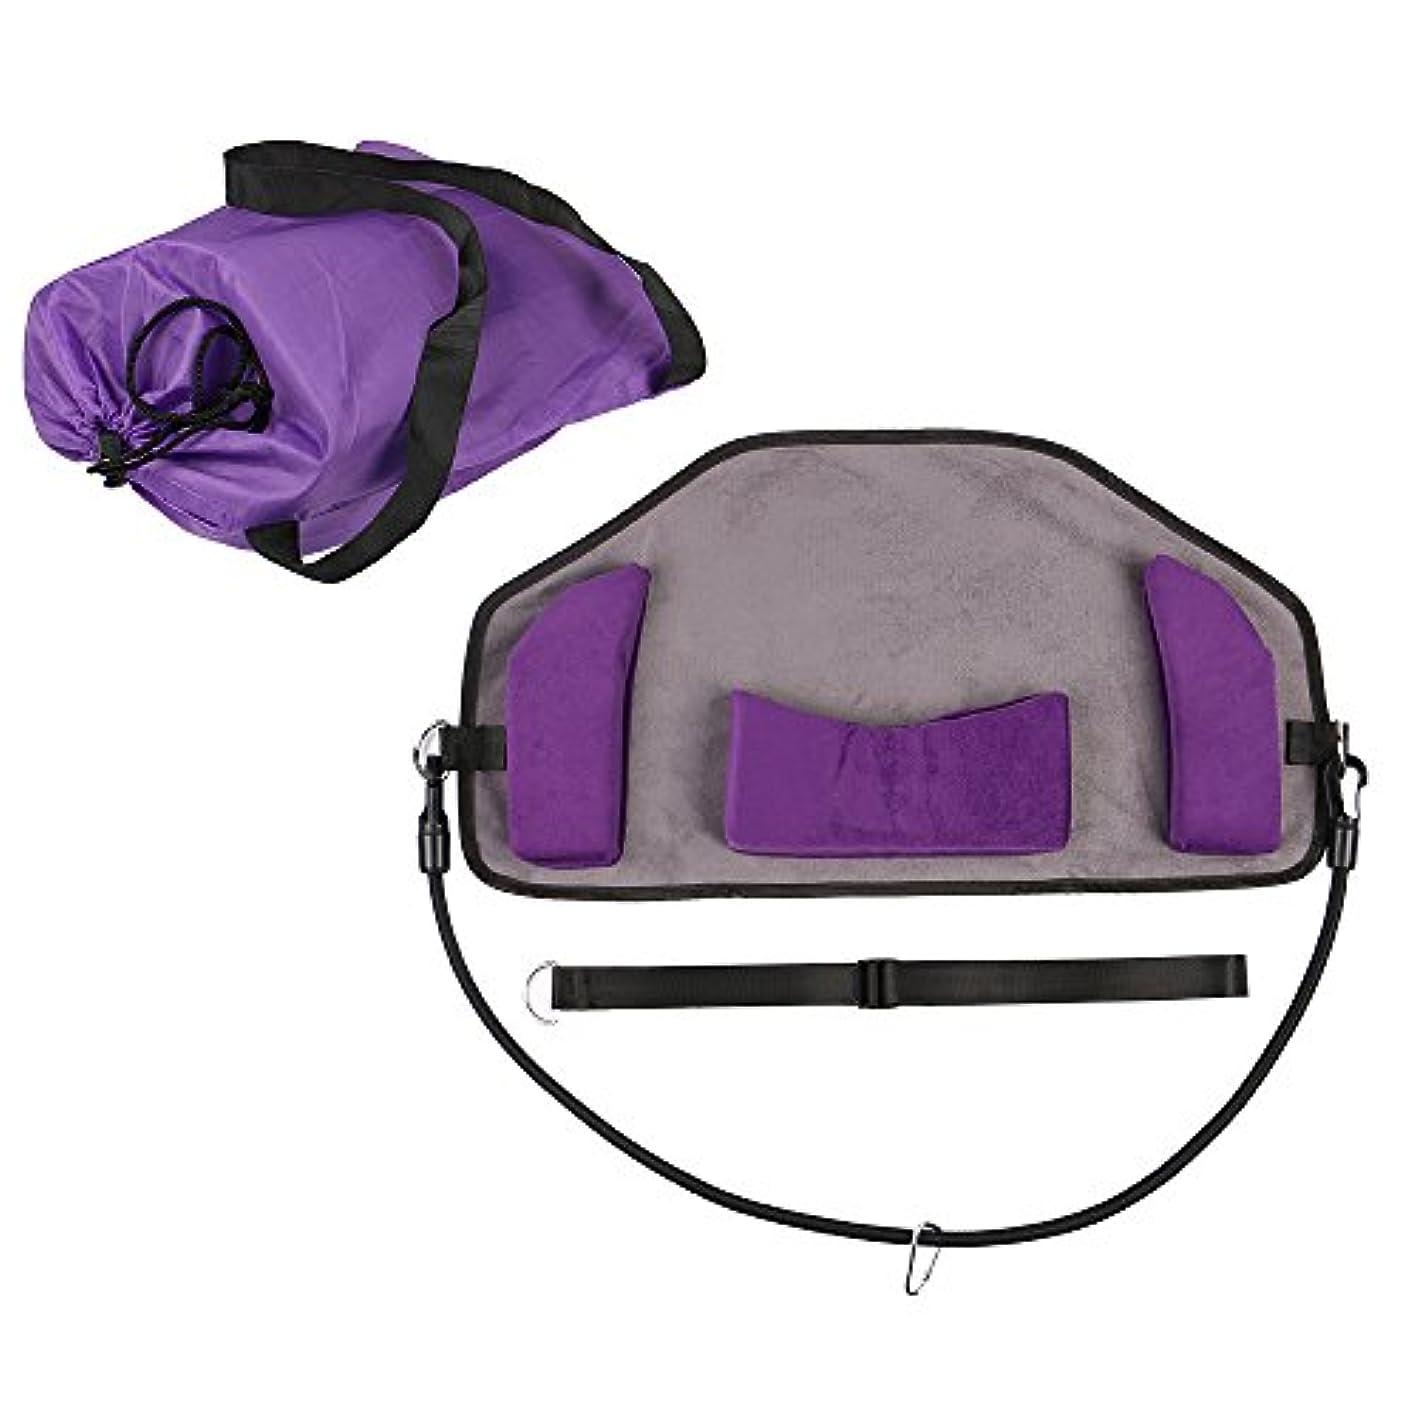 サイクロプステント長椅子ネックハンモックネックペイントリリーフのためのより良いハンモックポータブルと調節可能なネックストレッチャーあなたの疲れを速やかに解消 (紫の)